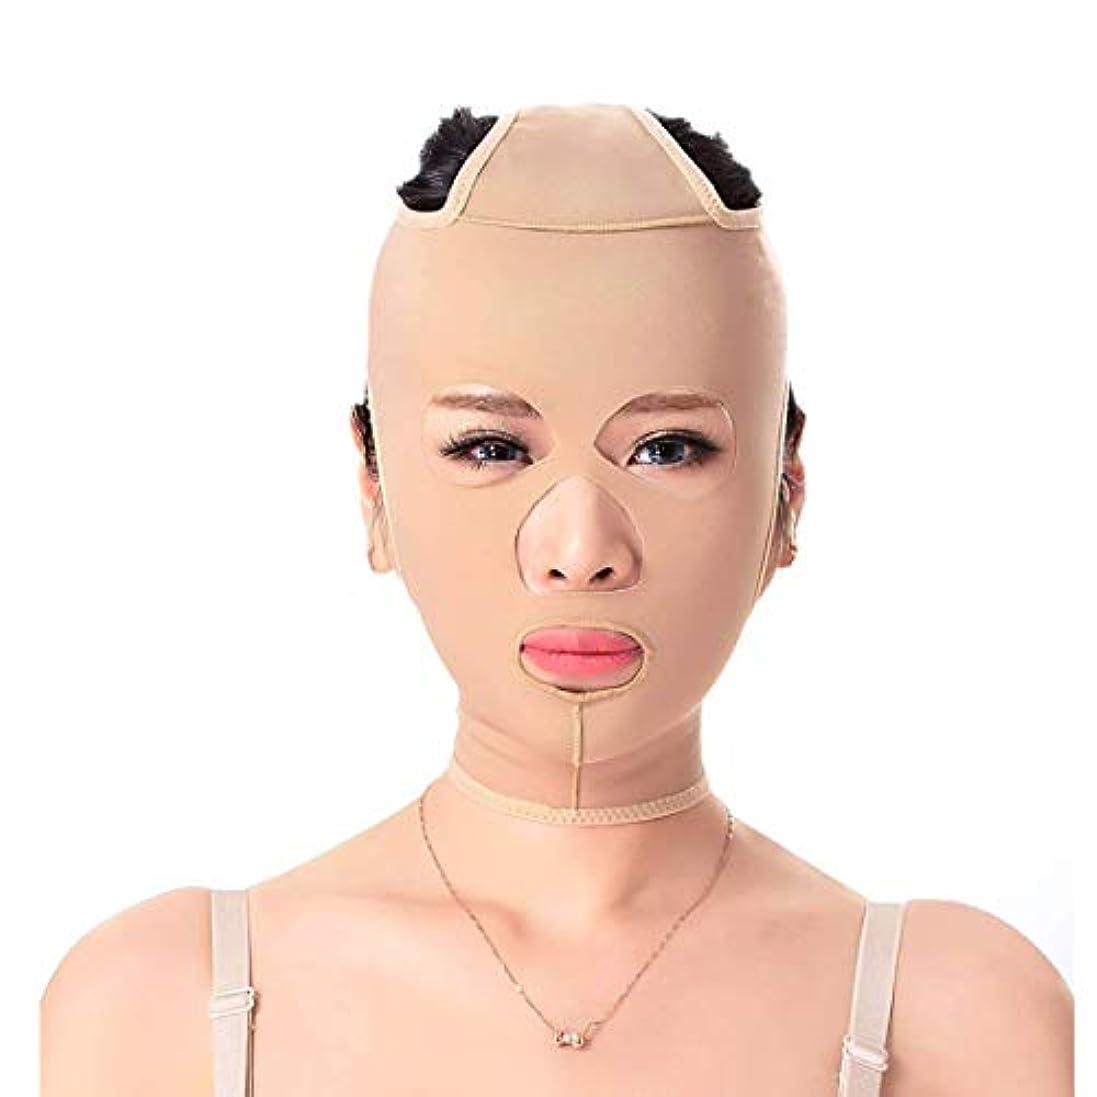 寛大さ適合する必要性スリミングベルト、二重あごの引き締め顔面プラスチック顔アーティファクト強力な顔の包帯を脇に持ち上げるパターンを欺くためのフェイシャルマスク薄いフェイスマスク(サイズ:XXL),M